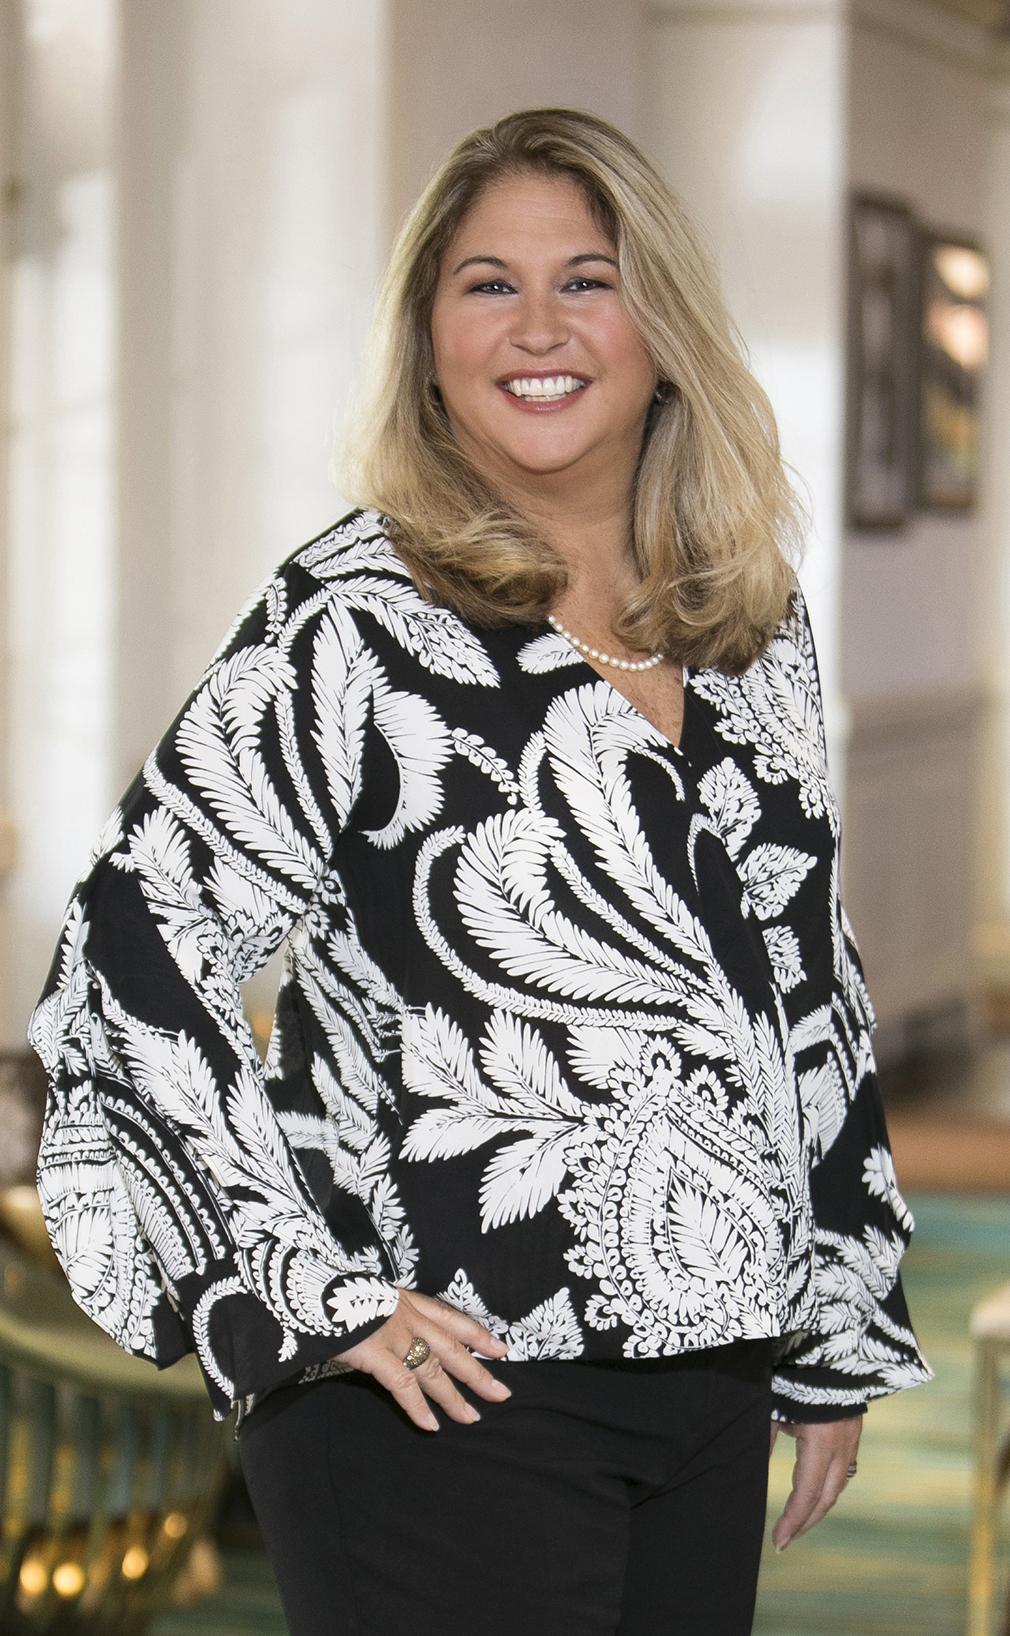 Christine Hansen portrait